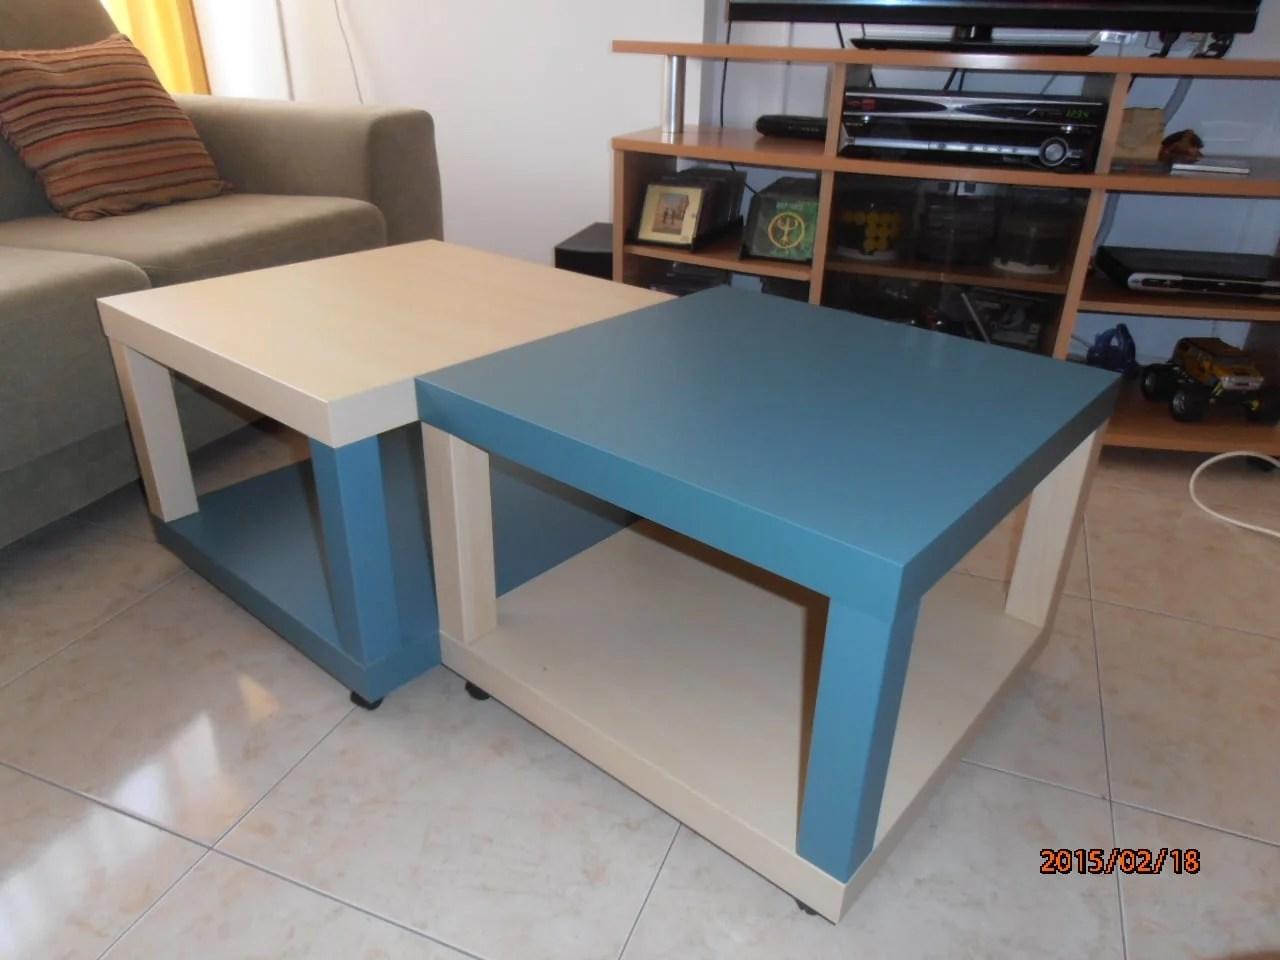 Quad LACK coffee table